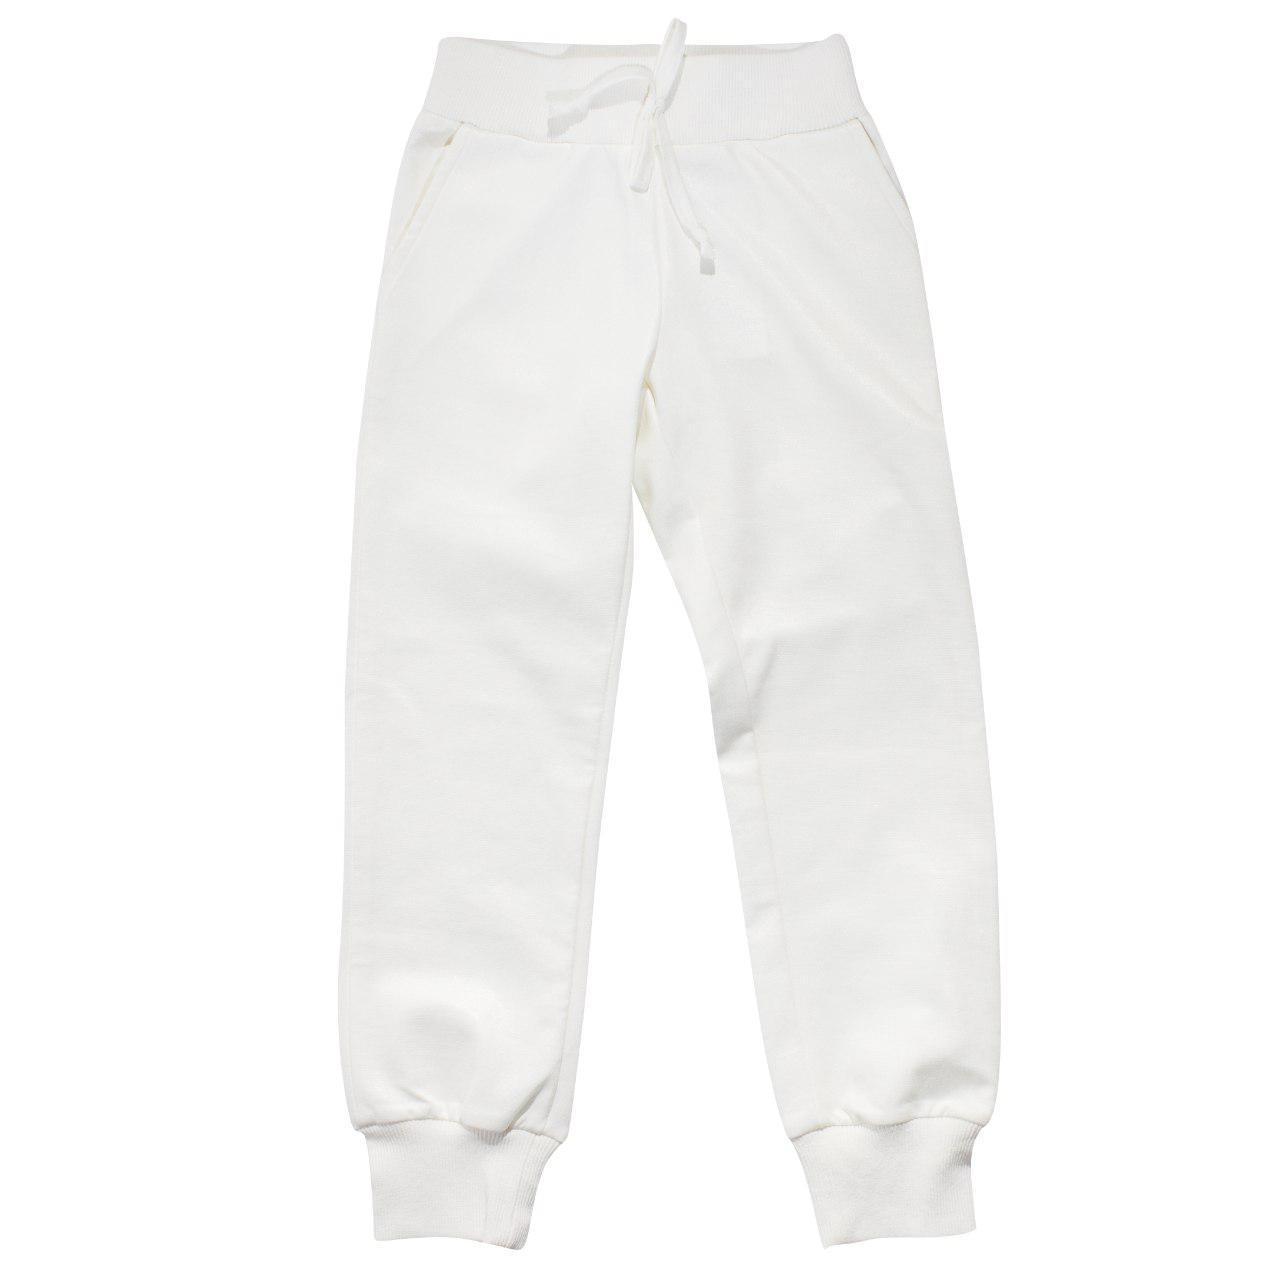 Спортивные штаны для девочки, размеры 6, 7, 8 лет